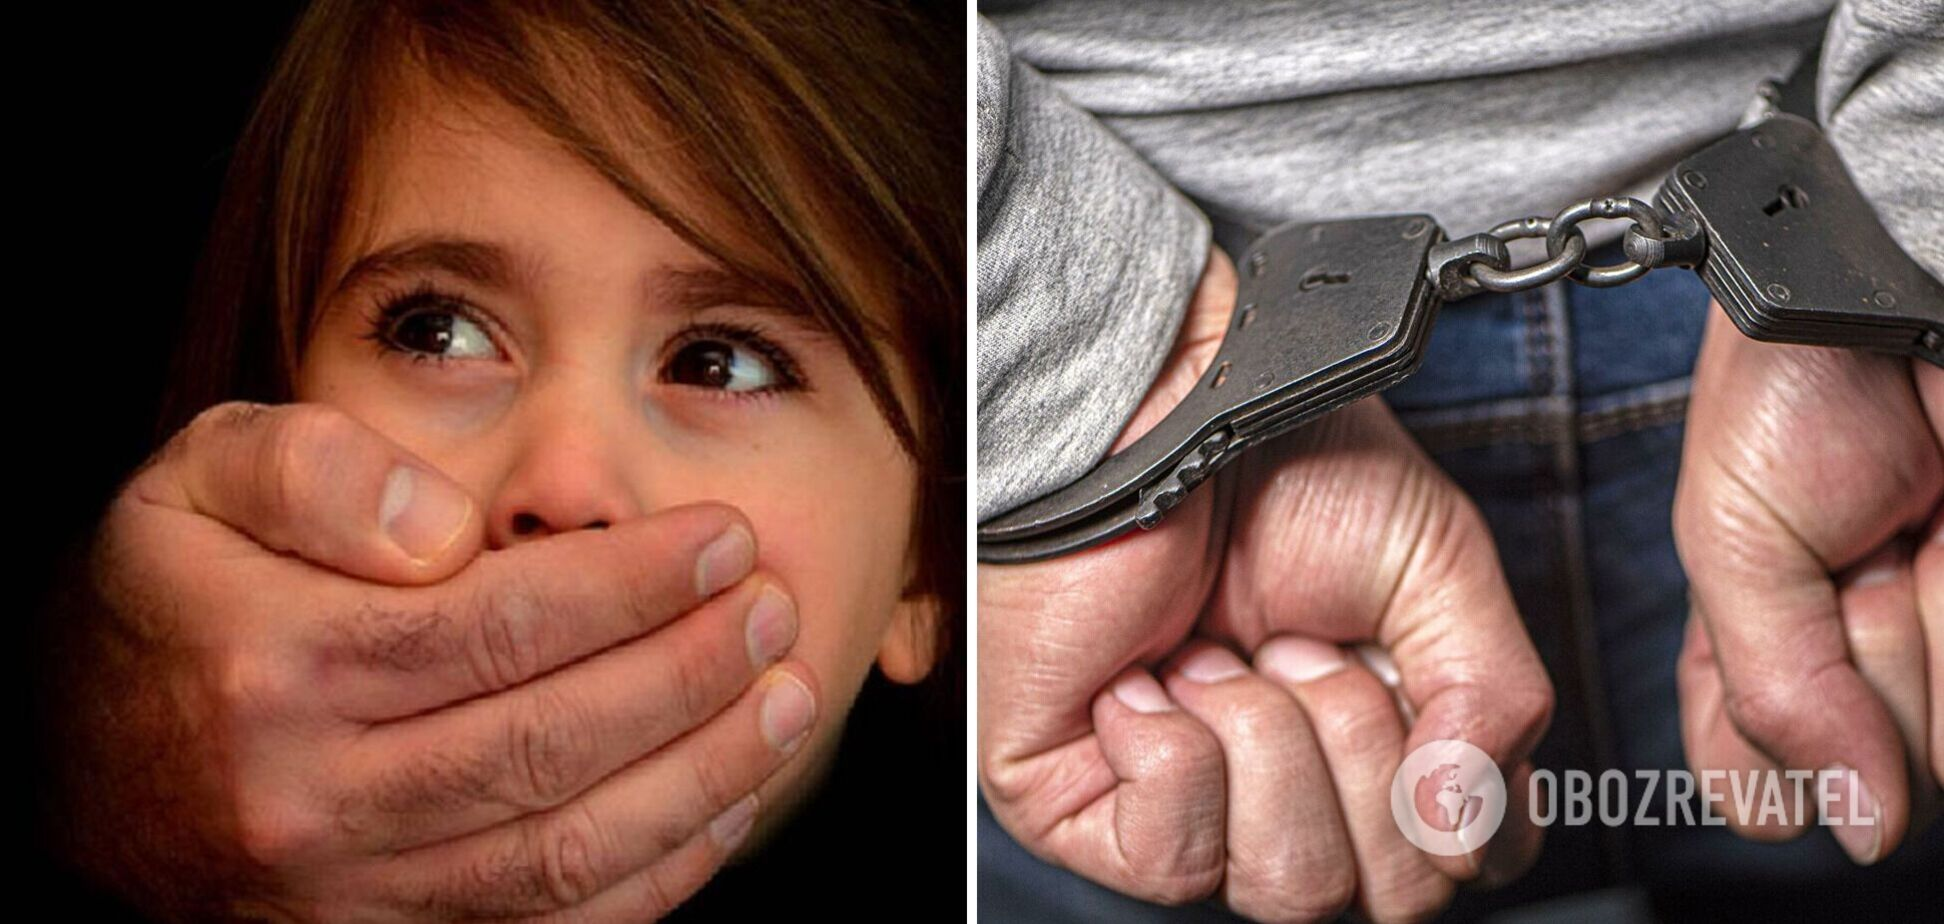 На Херсонщине 12-летнюю девочку изнасиловал сожитель ее бабушки. Видео